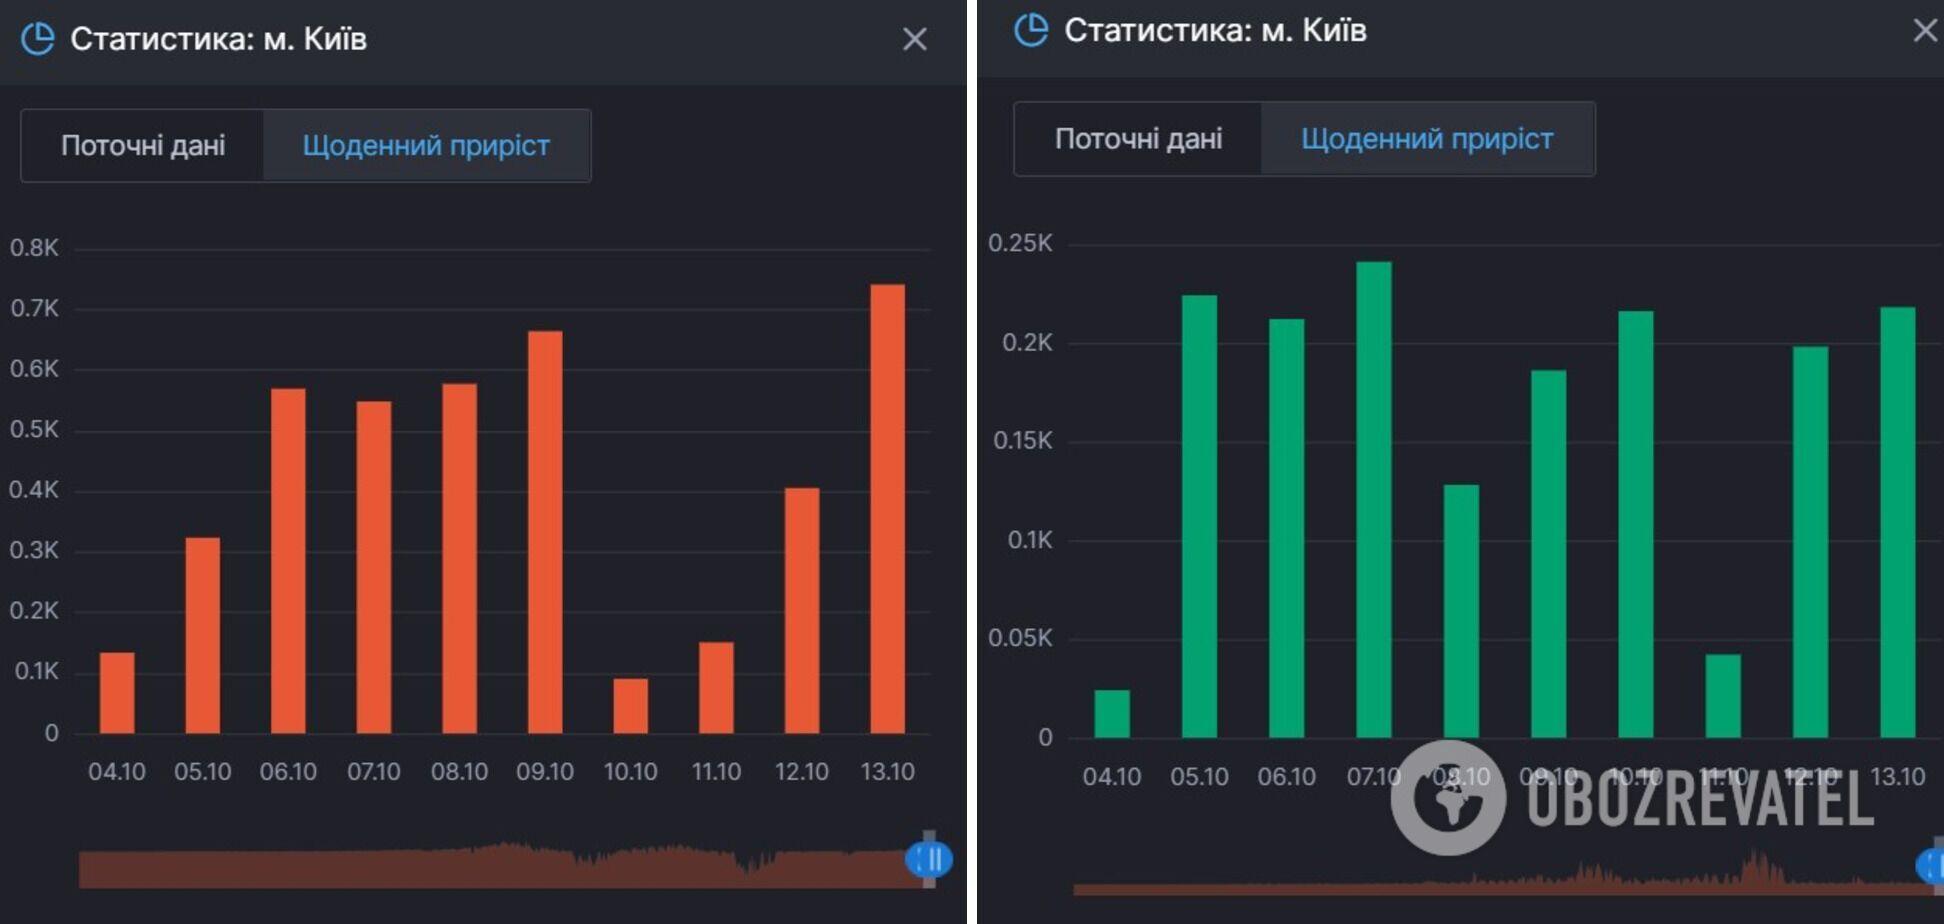 Приріст осіб, що хворіють, і тих, хто одужав від COVID-19 у Києві